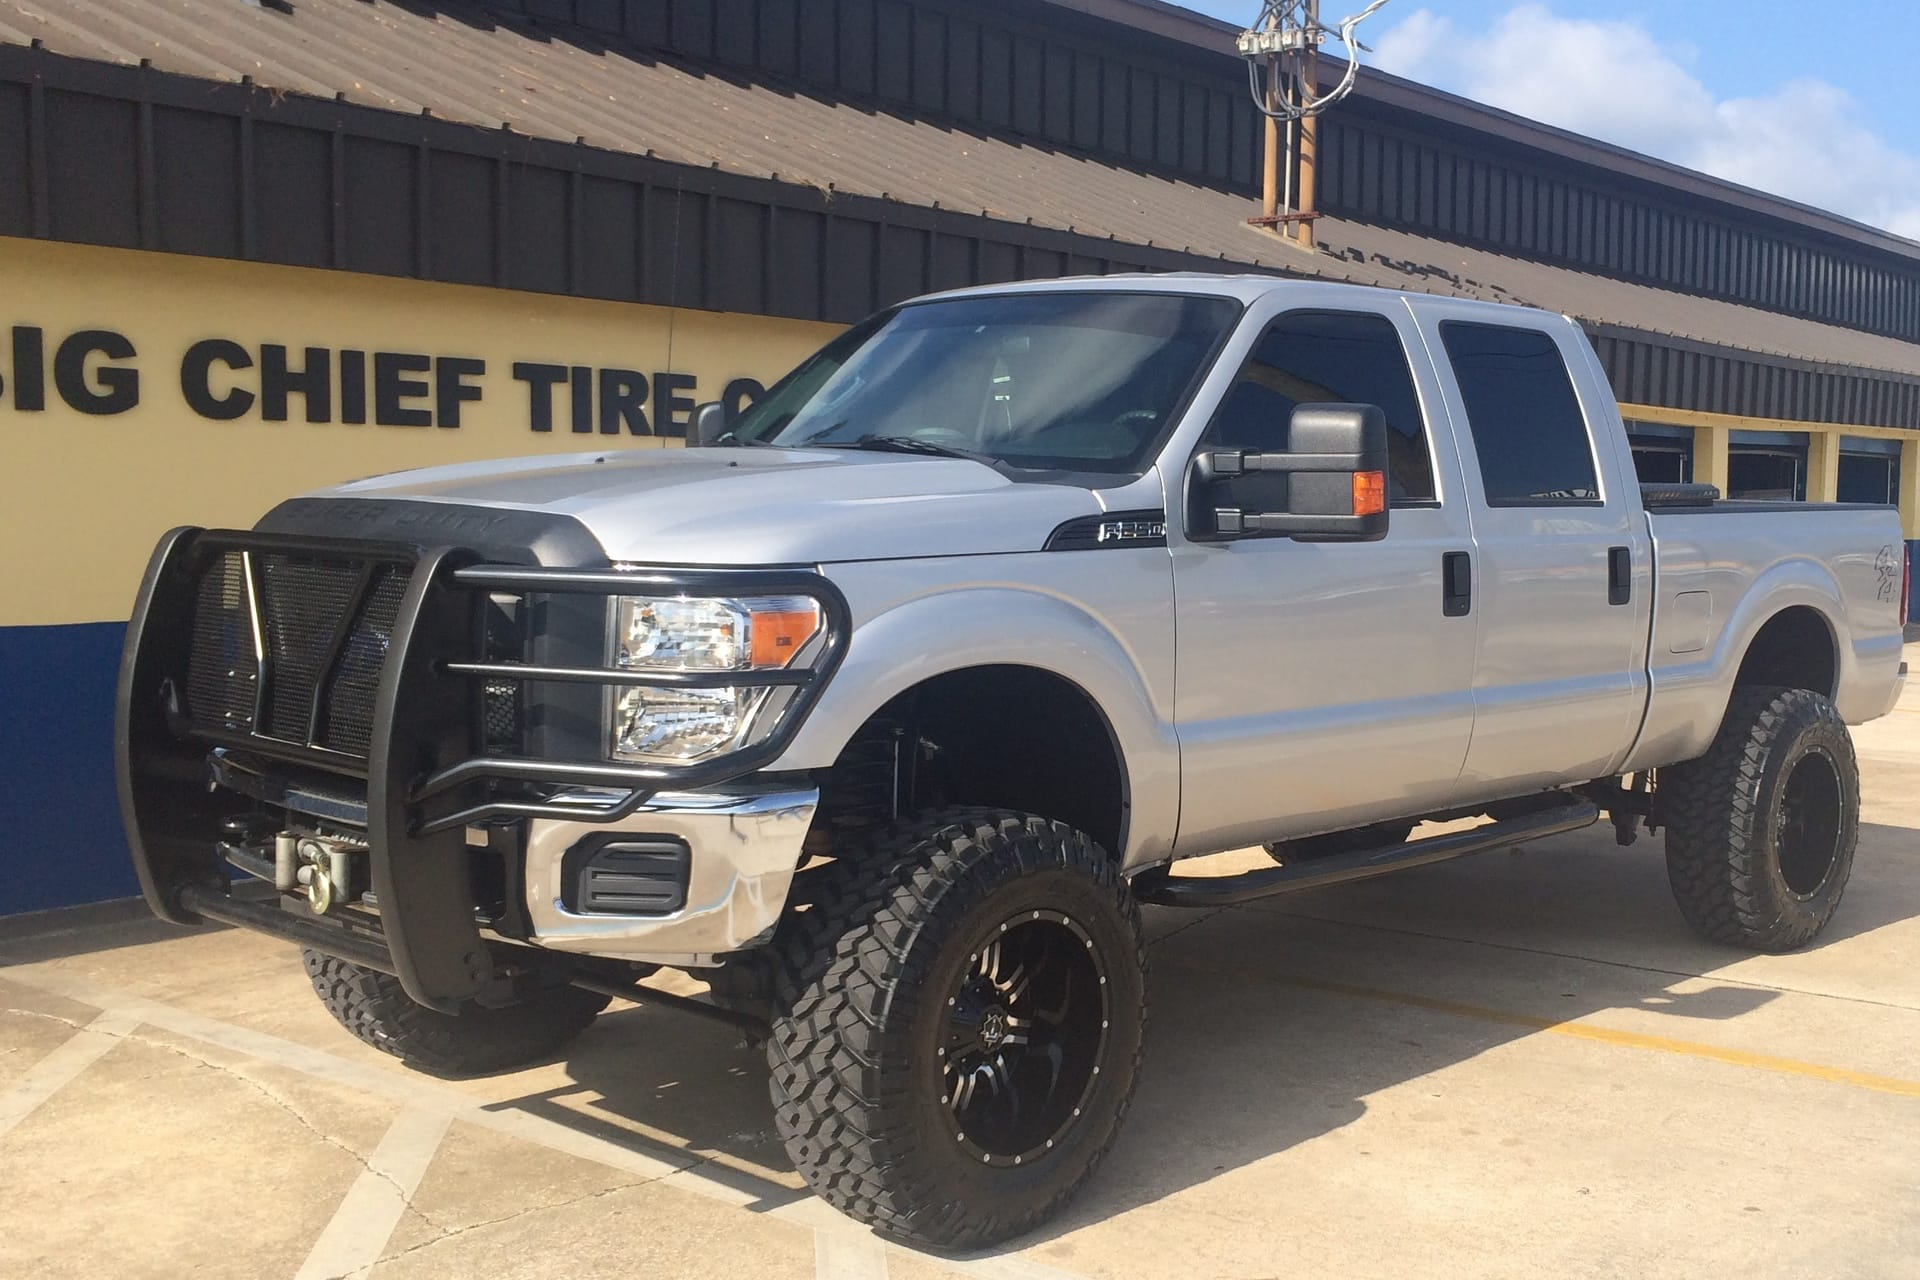 F150 - 1016928   Big Chief Tire